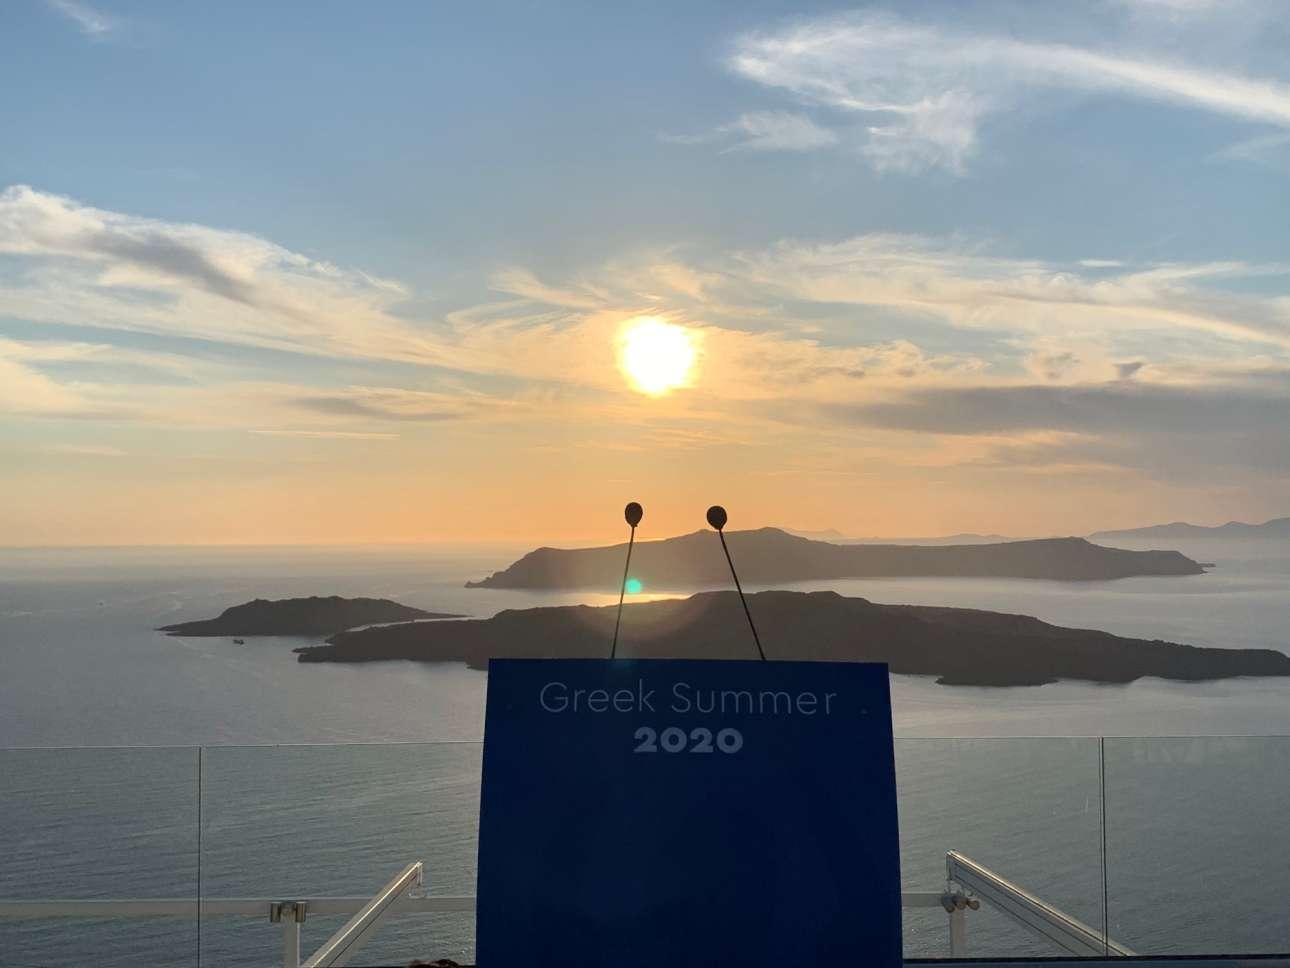 To βήμα έτοιμο με φόντο το εμβληματικό ηλιοβασίλεμα της Σαντορίνης. Το σύνθημα ευκρινές: «Greek Summer 2020»